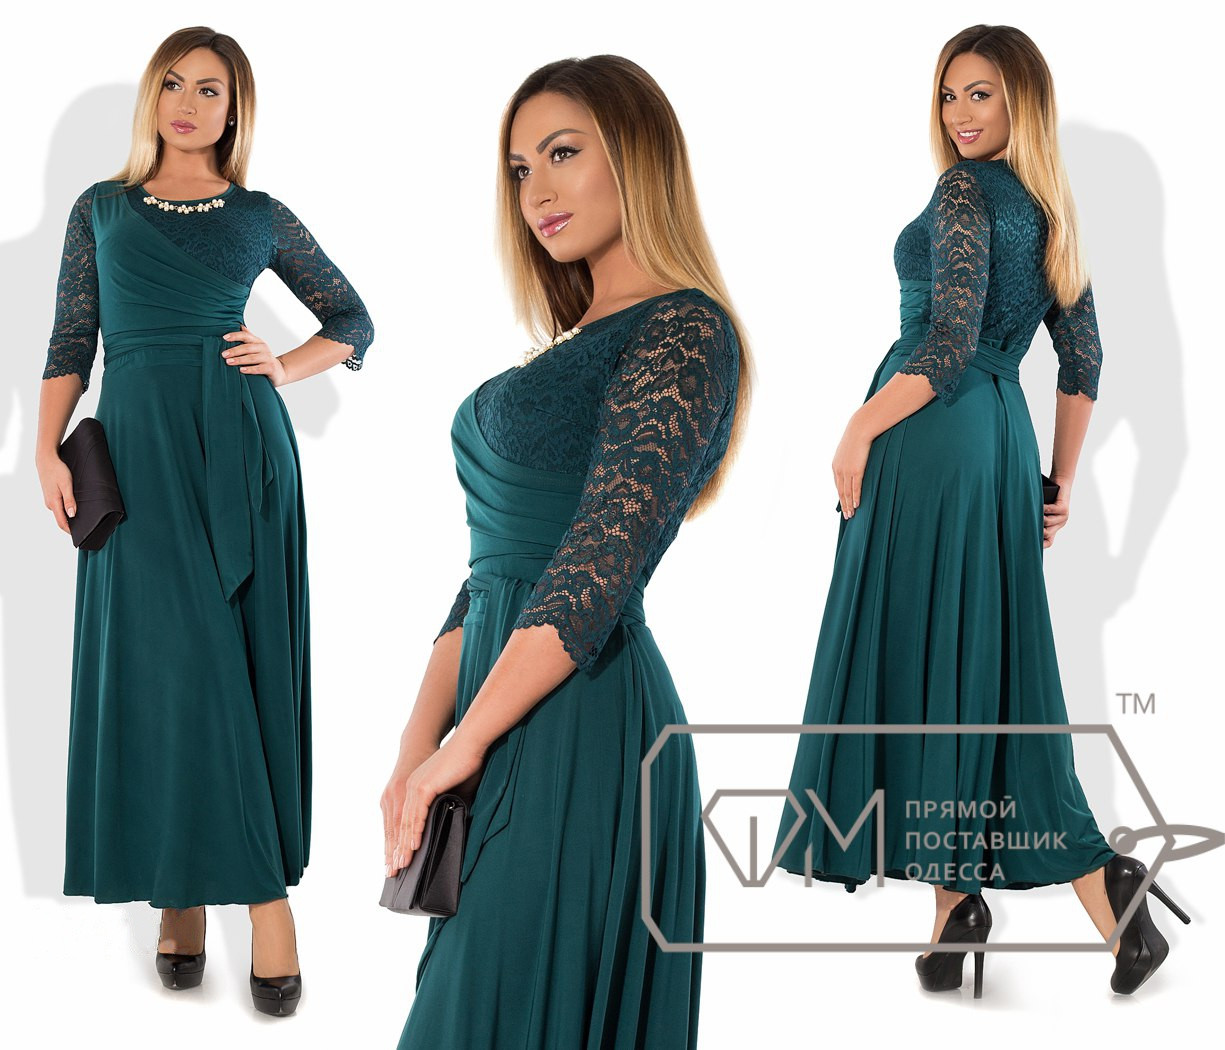 50a26d7c2b74108 Вечернее платье батал - All You Need - прямой поставщик женской одежды оптом  и в розницу